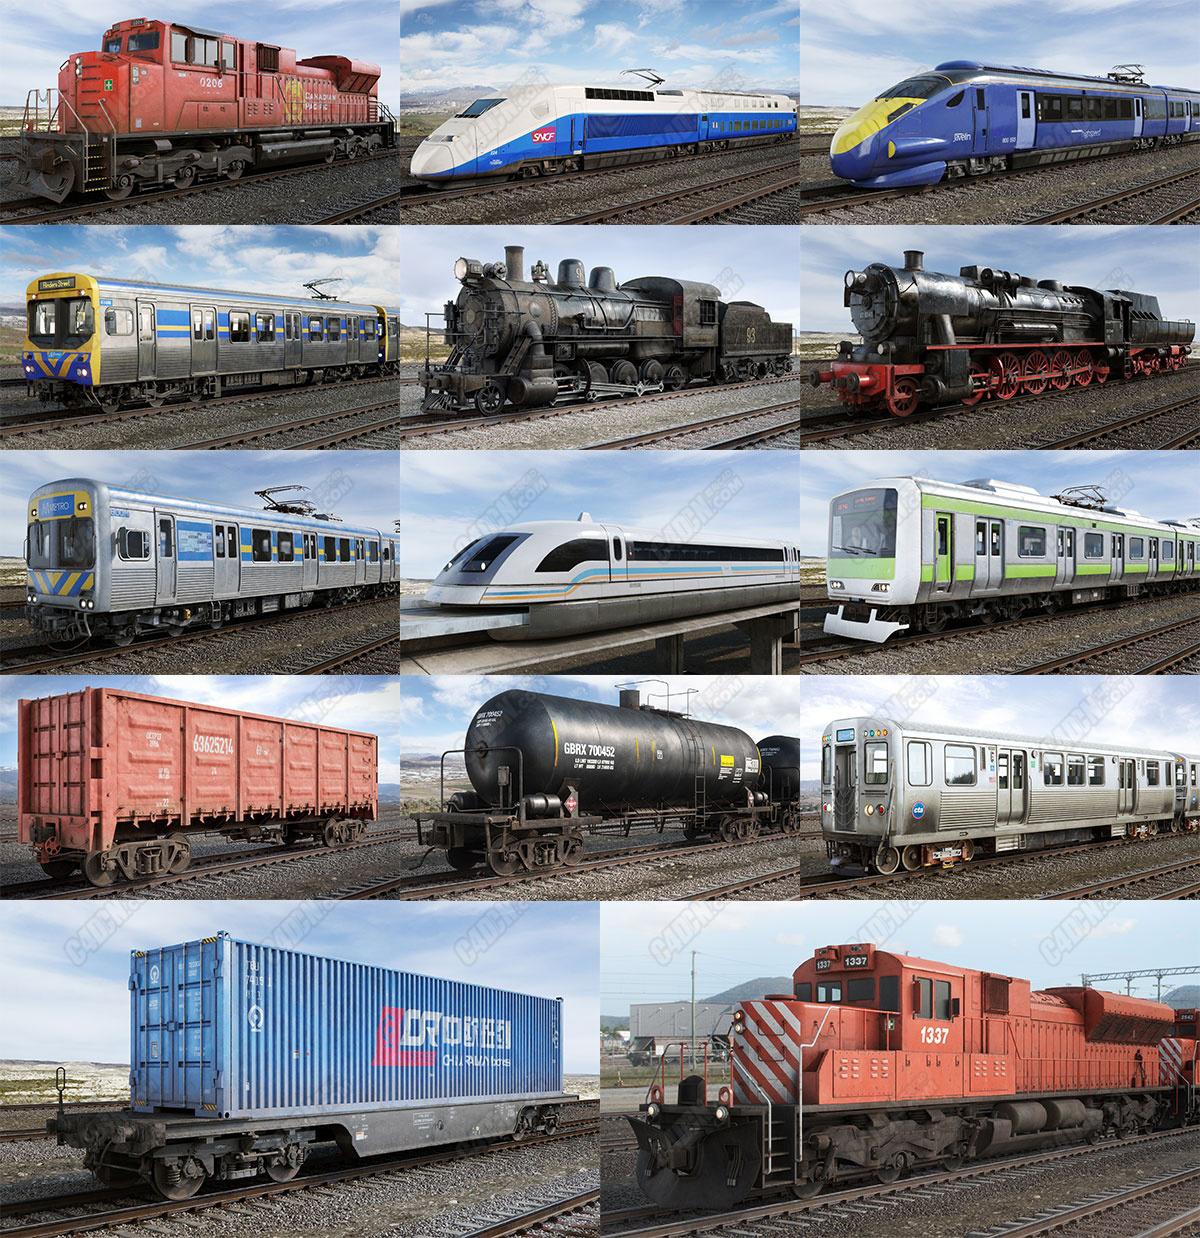 14组火车地铁车厢集装箱动车高铁交通模型